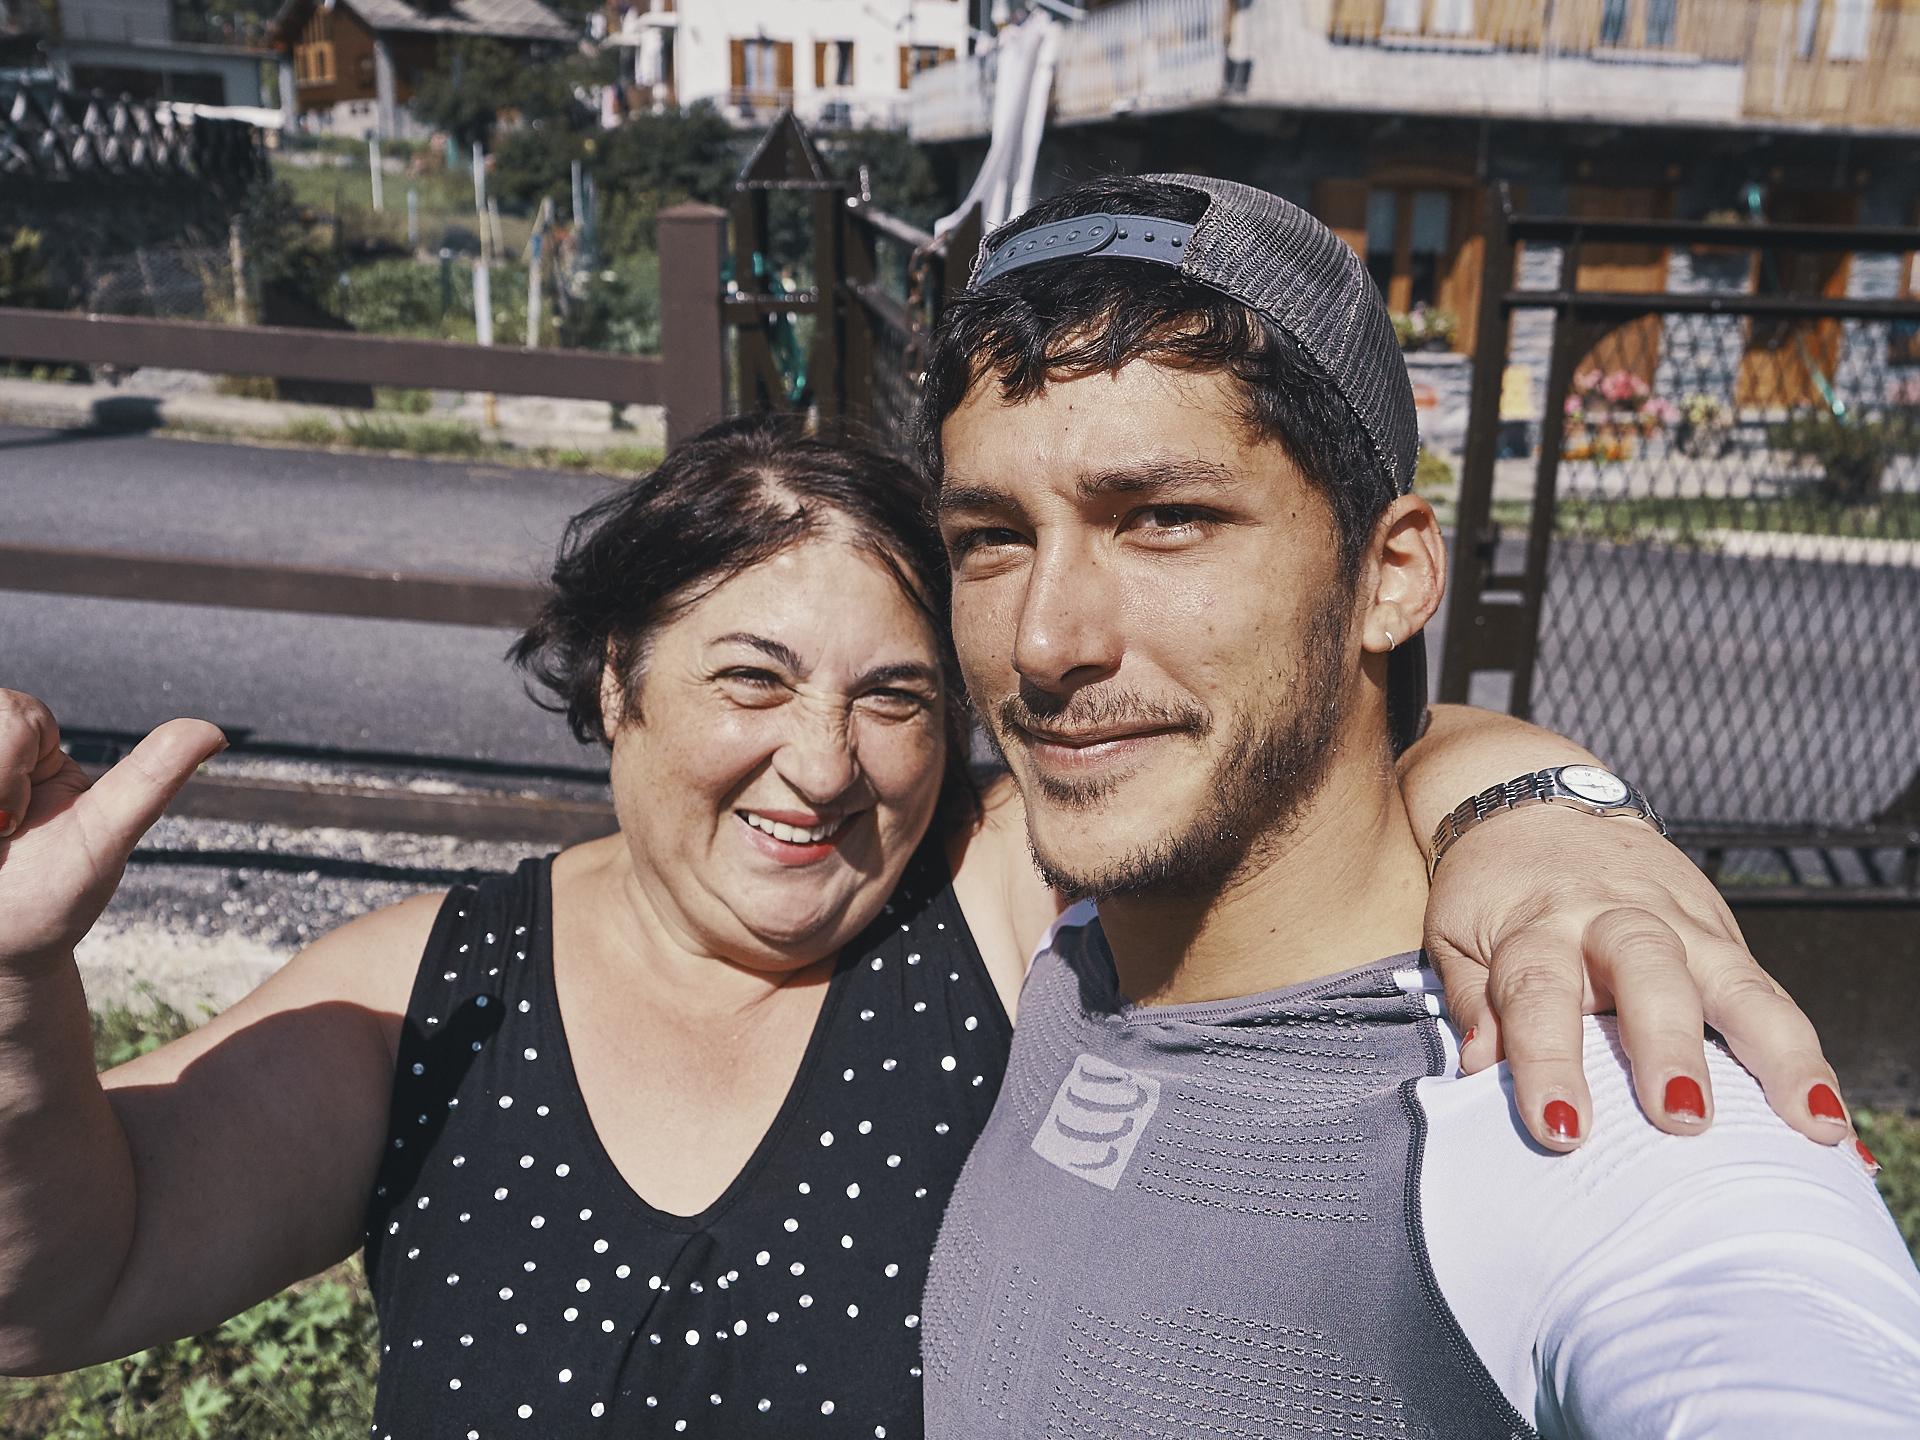 2PVA_-_ITALY_-août_11_2018_-_230